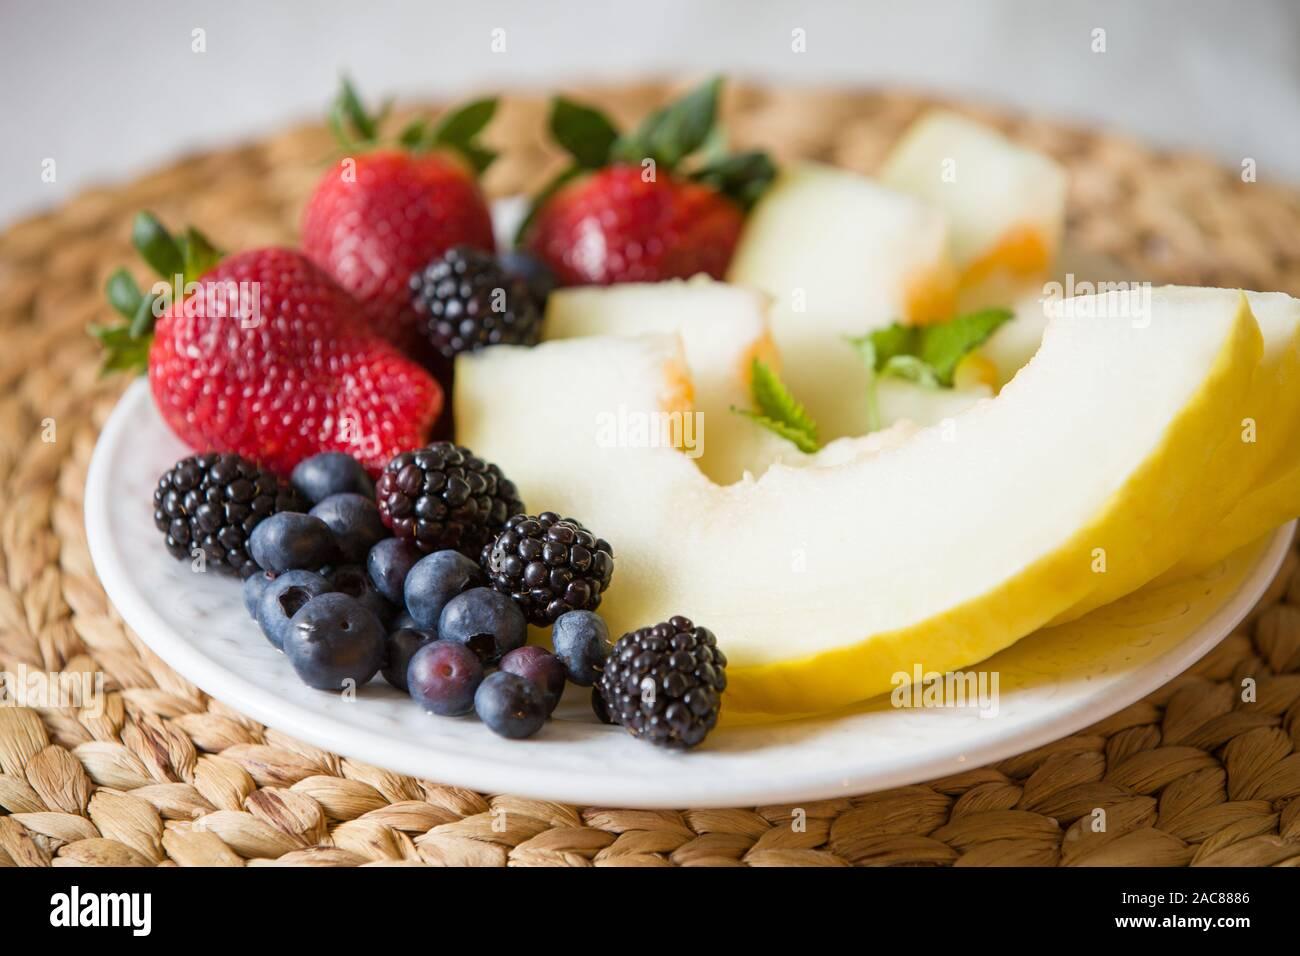 Melón cortado y bayas. Ensalada de frutas de fresas, arándanos, melón, menta y moras. Dieta ensalada en la placa blanca - desayuno, pérdida de peso. Foto de stock